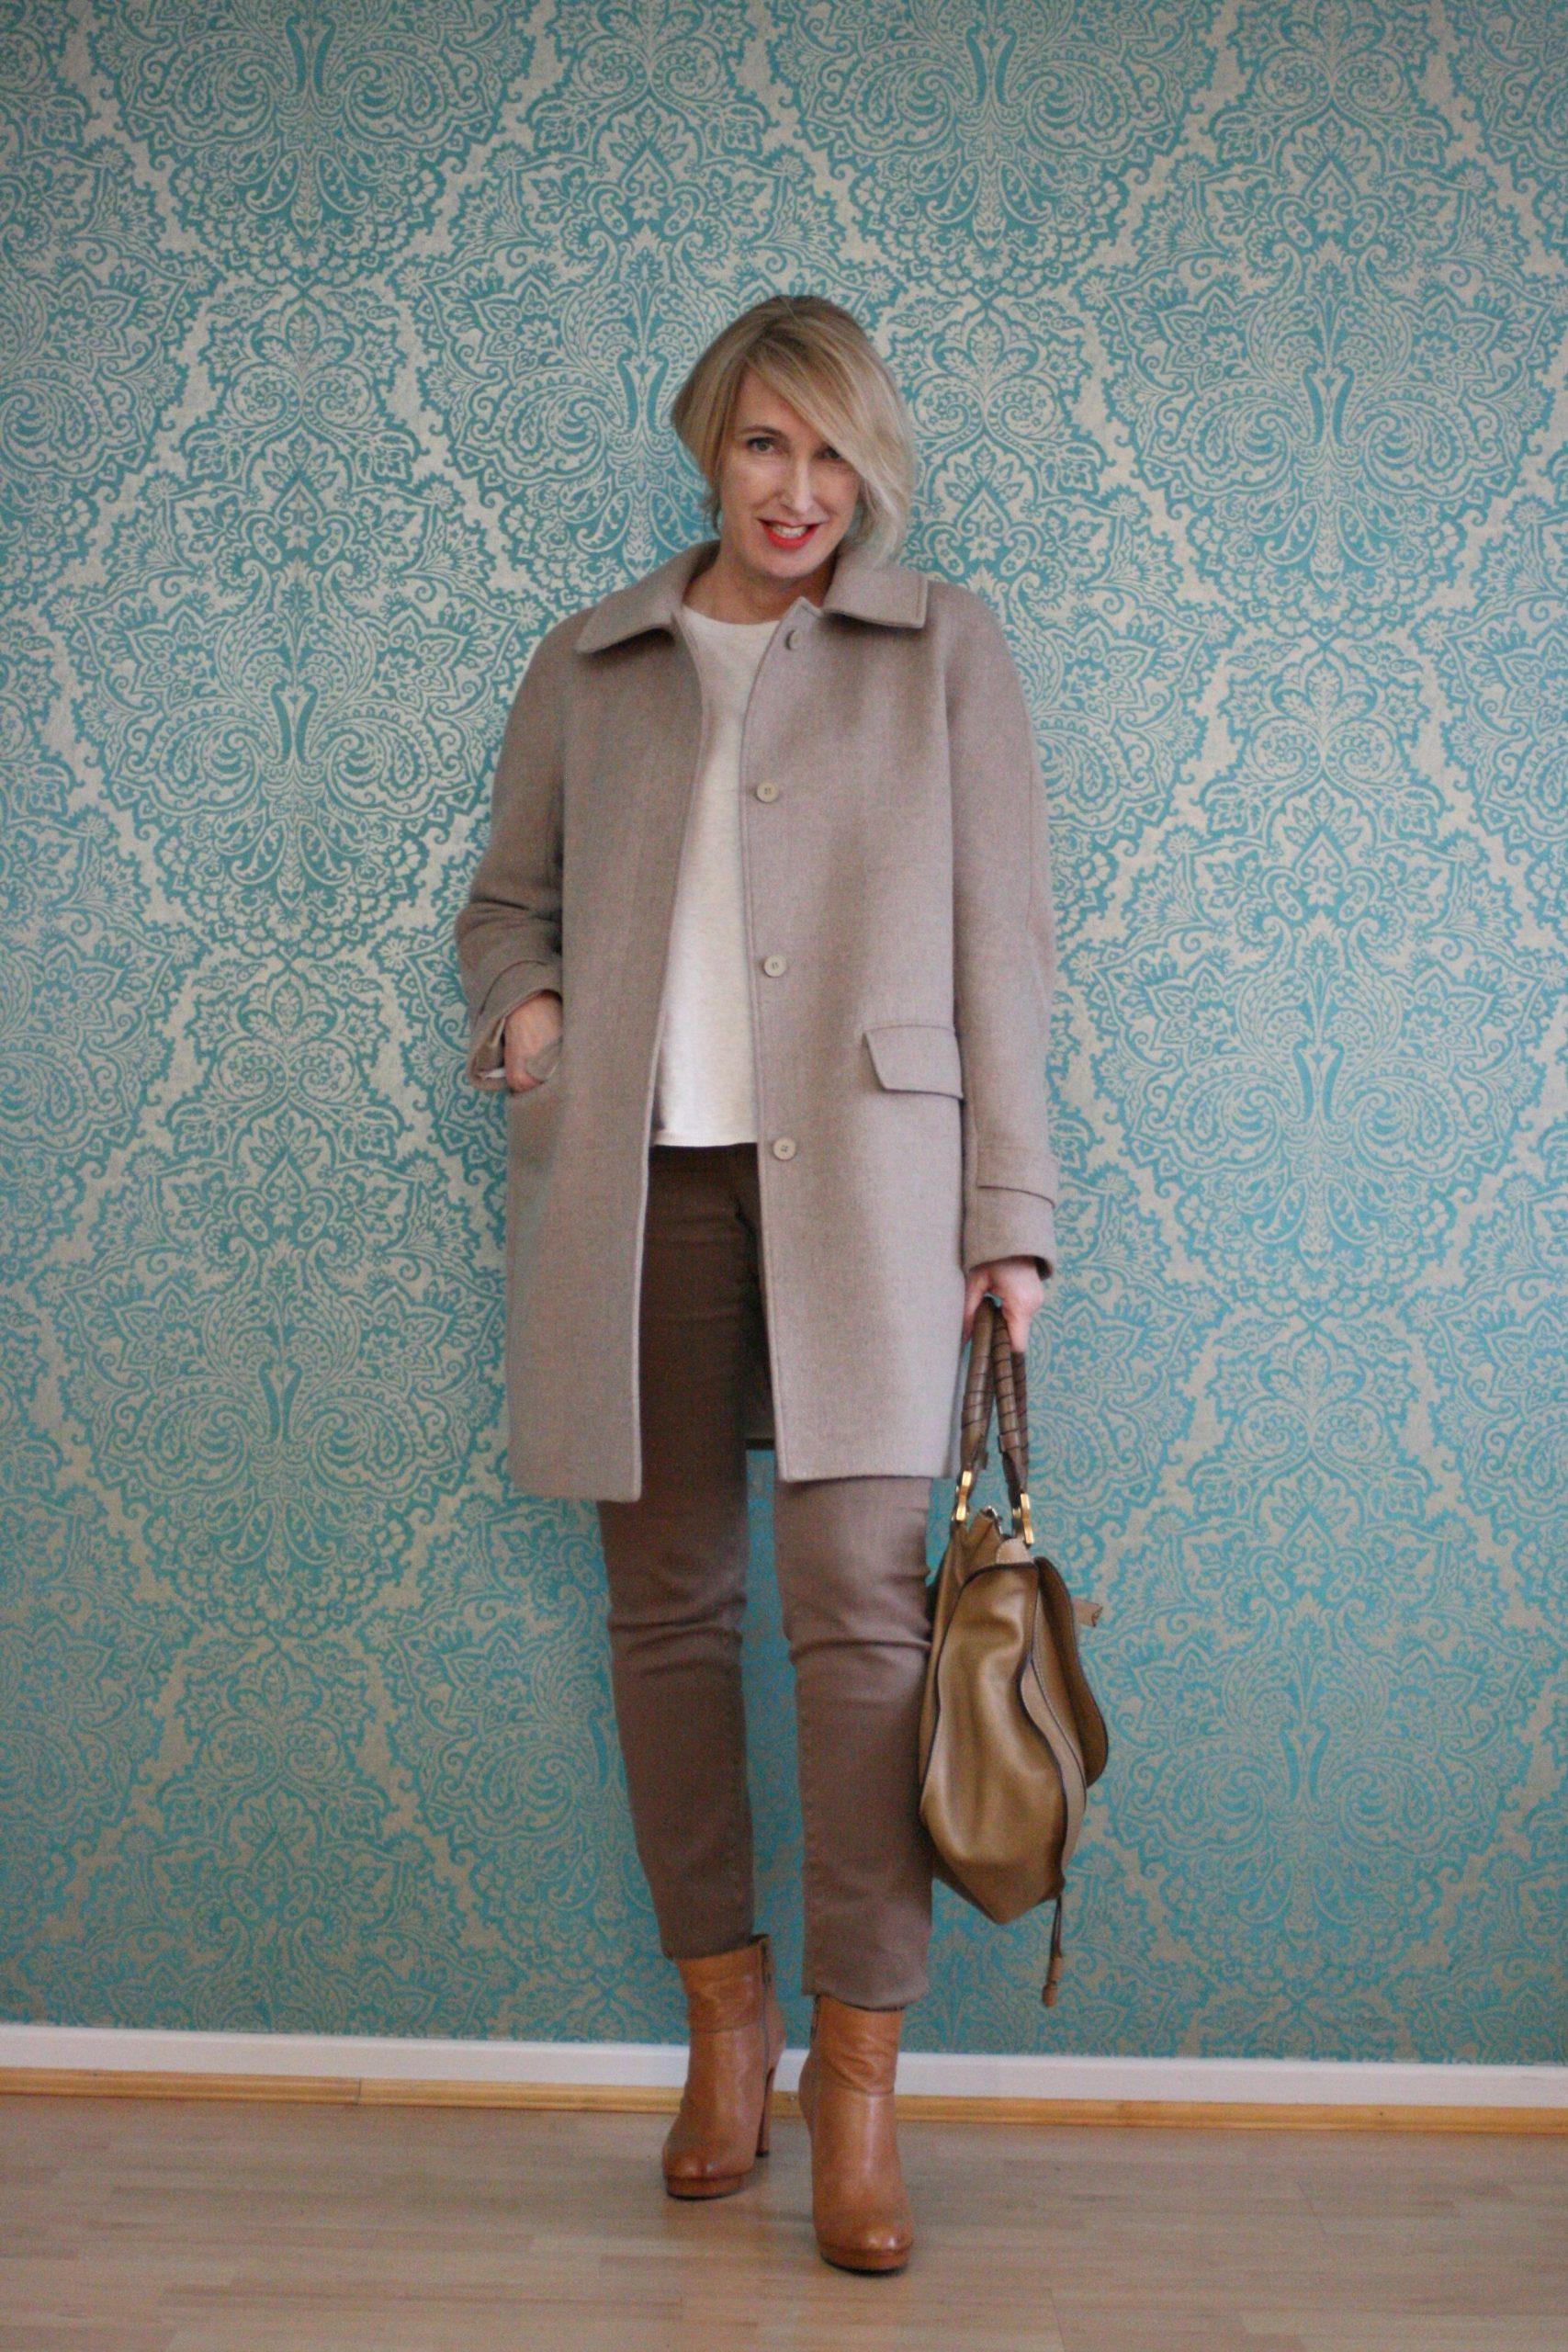 Designer Schön Kleider Für Frauen Über 40 StylishDesigner Einfach Kleider Für Frauen Über 40 Spezialgebiet